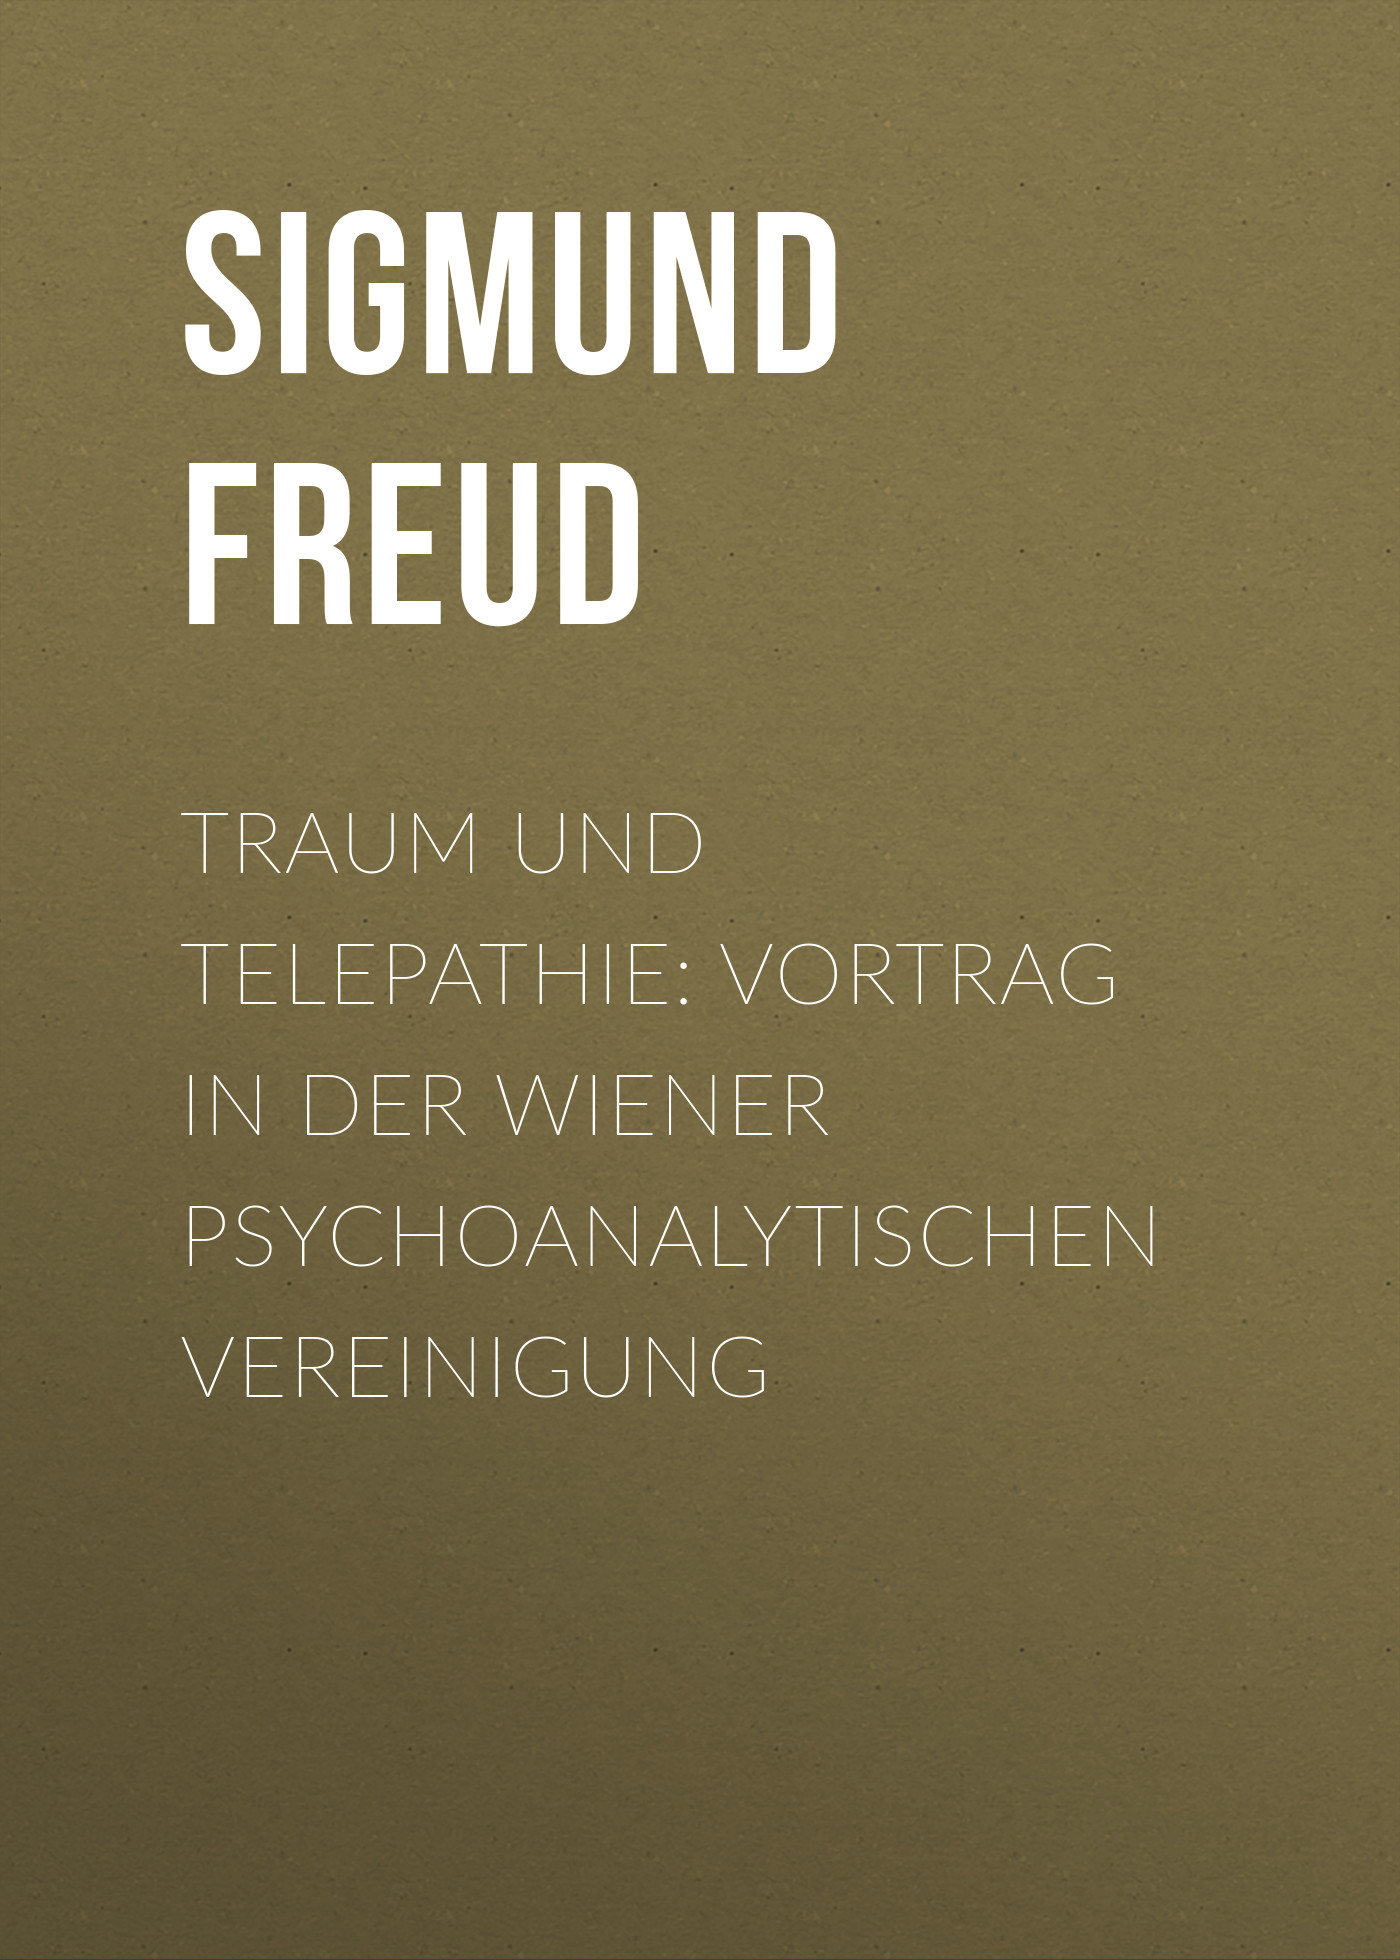 Зигмунд Фрейд Traum und Telepathie: Vortrag in der Wiener psychoanalytischen Vereinigung